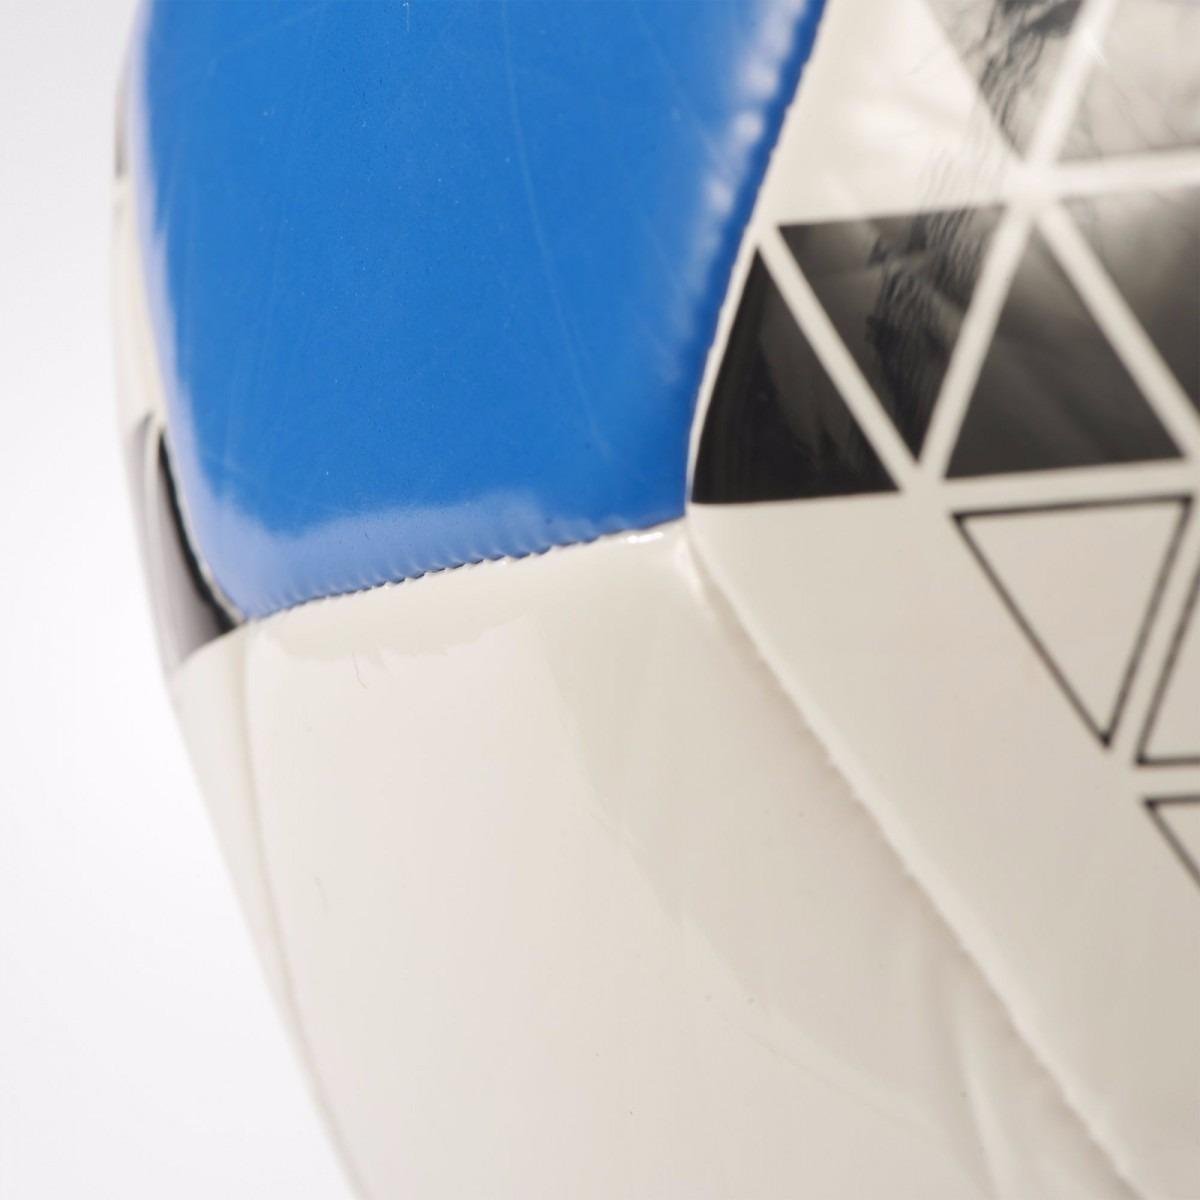 bola futebol de campo adidas starlancer oficial ao4901. Carregando zoom. c8ef22d3ee02d